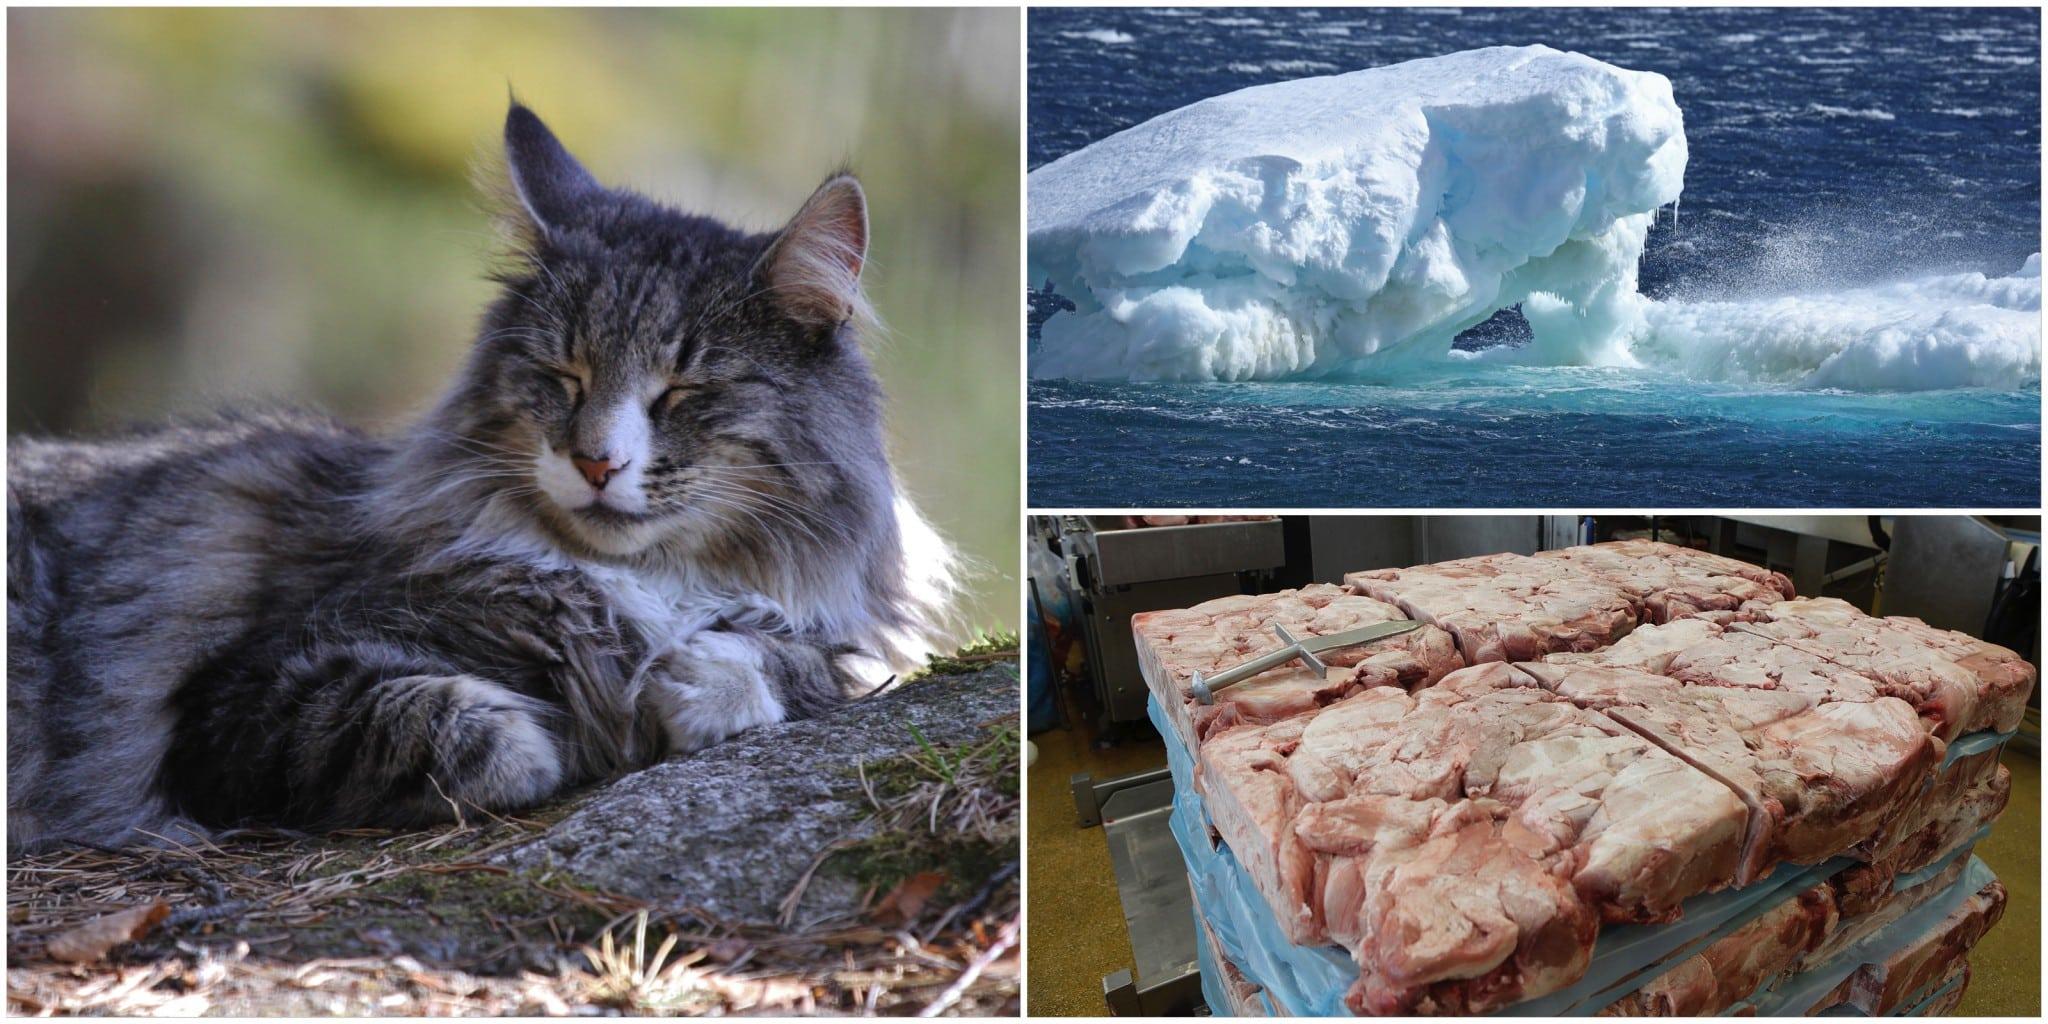 Ingen kan med förnuftet i behåll säga att syftet med att ha katt överväger den klimatbelastning missen faktiskt innebär, anser insändarskribenten.